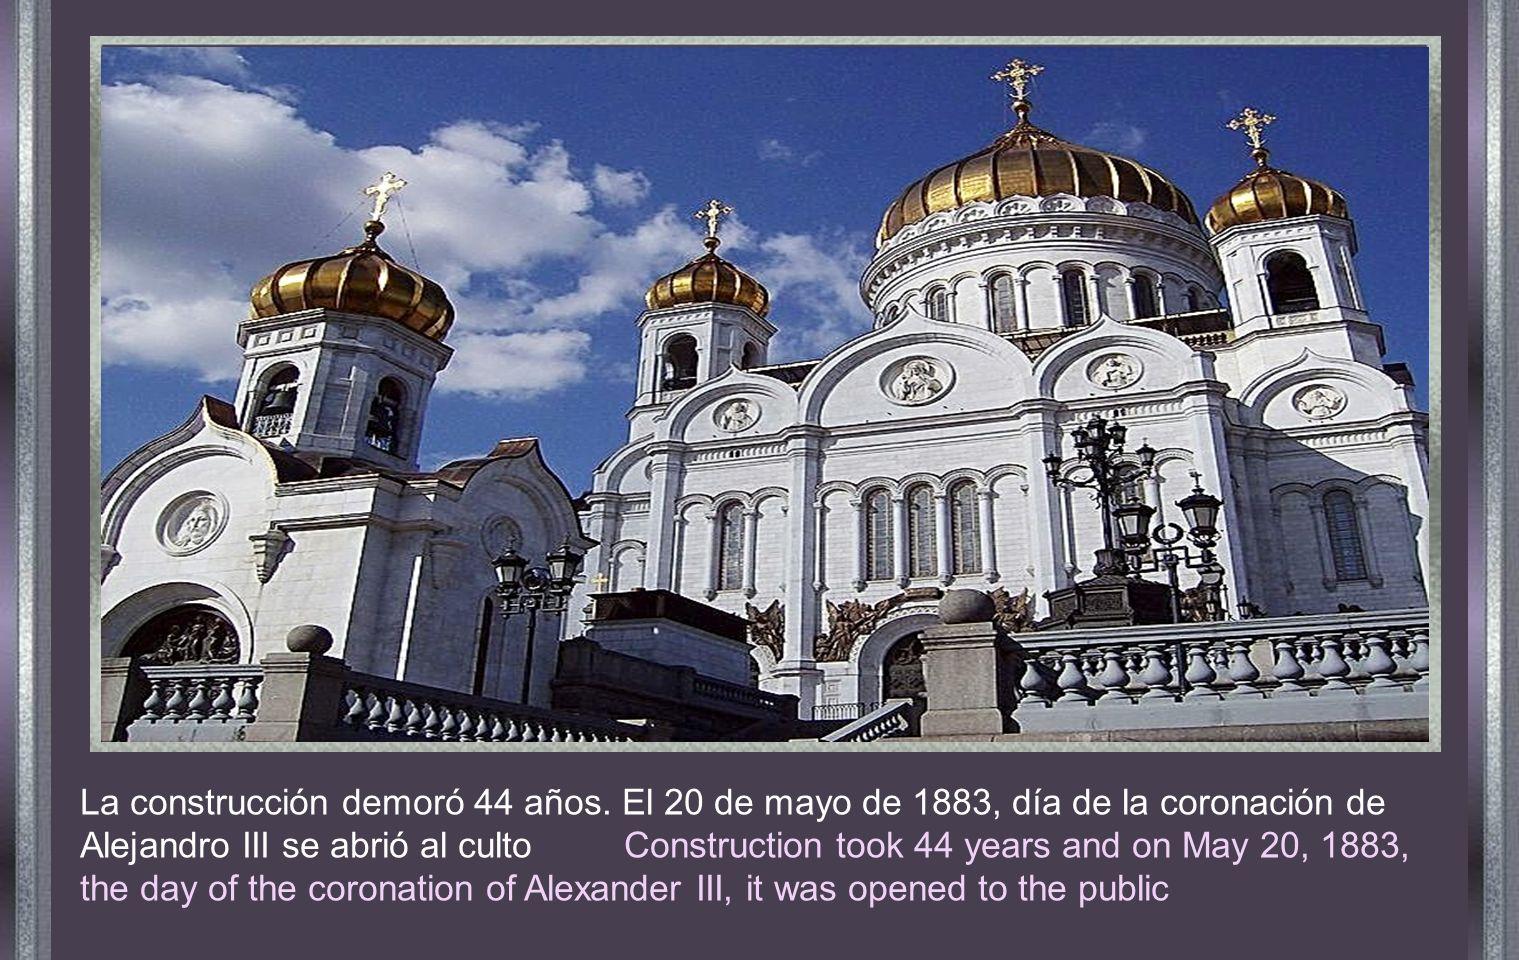 En 1812 cuando las tropas Francesas fueron expulsadas de Rusia, el Zar Alejandro I, ordenó la construcción de una iglesia con el nombre de Cristo el Salvador , para expresar a la Divina Providencia, la gratitud de los Rusos, por haberlos salvado del desastre que hubiera significado que Napoleón se apoderara de Rusia.